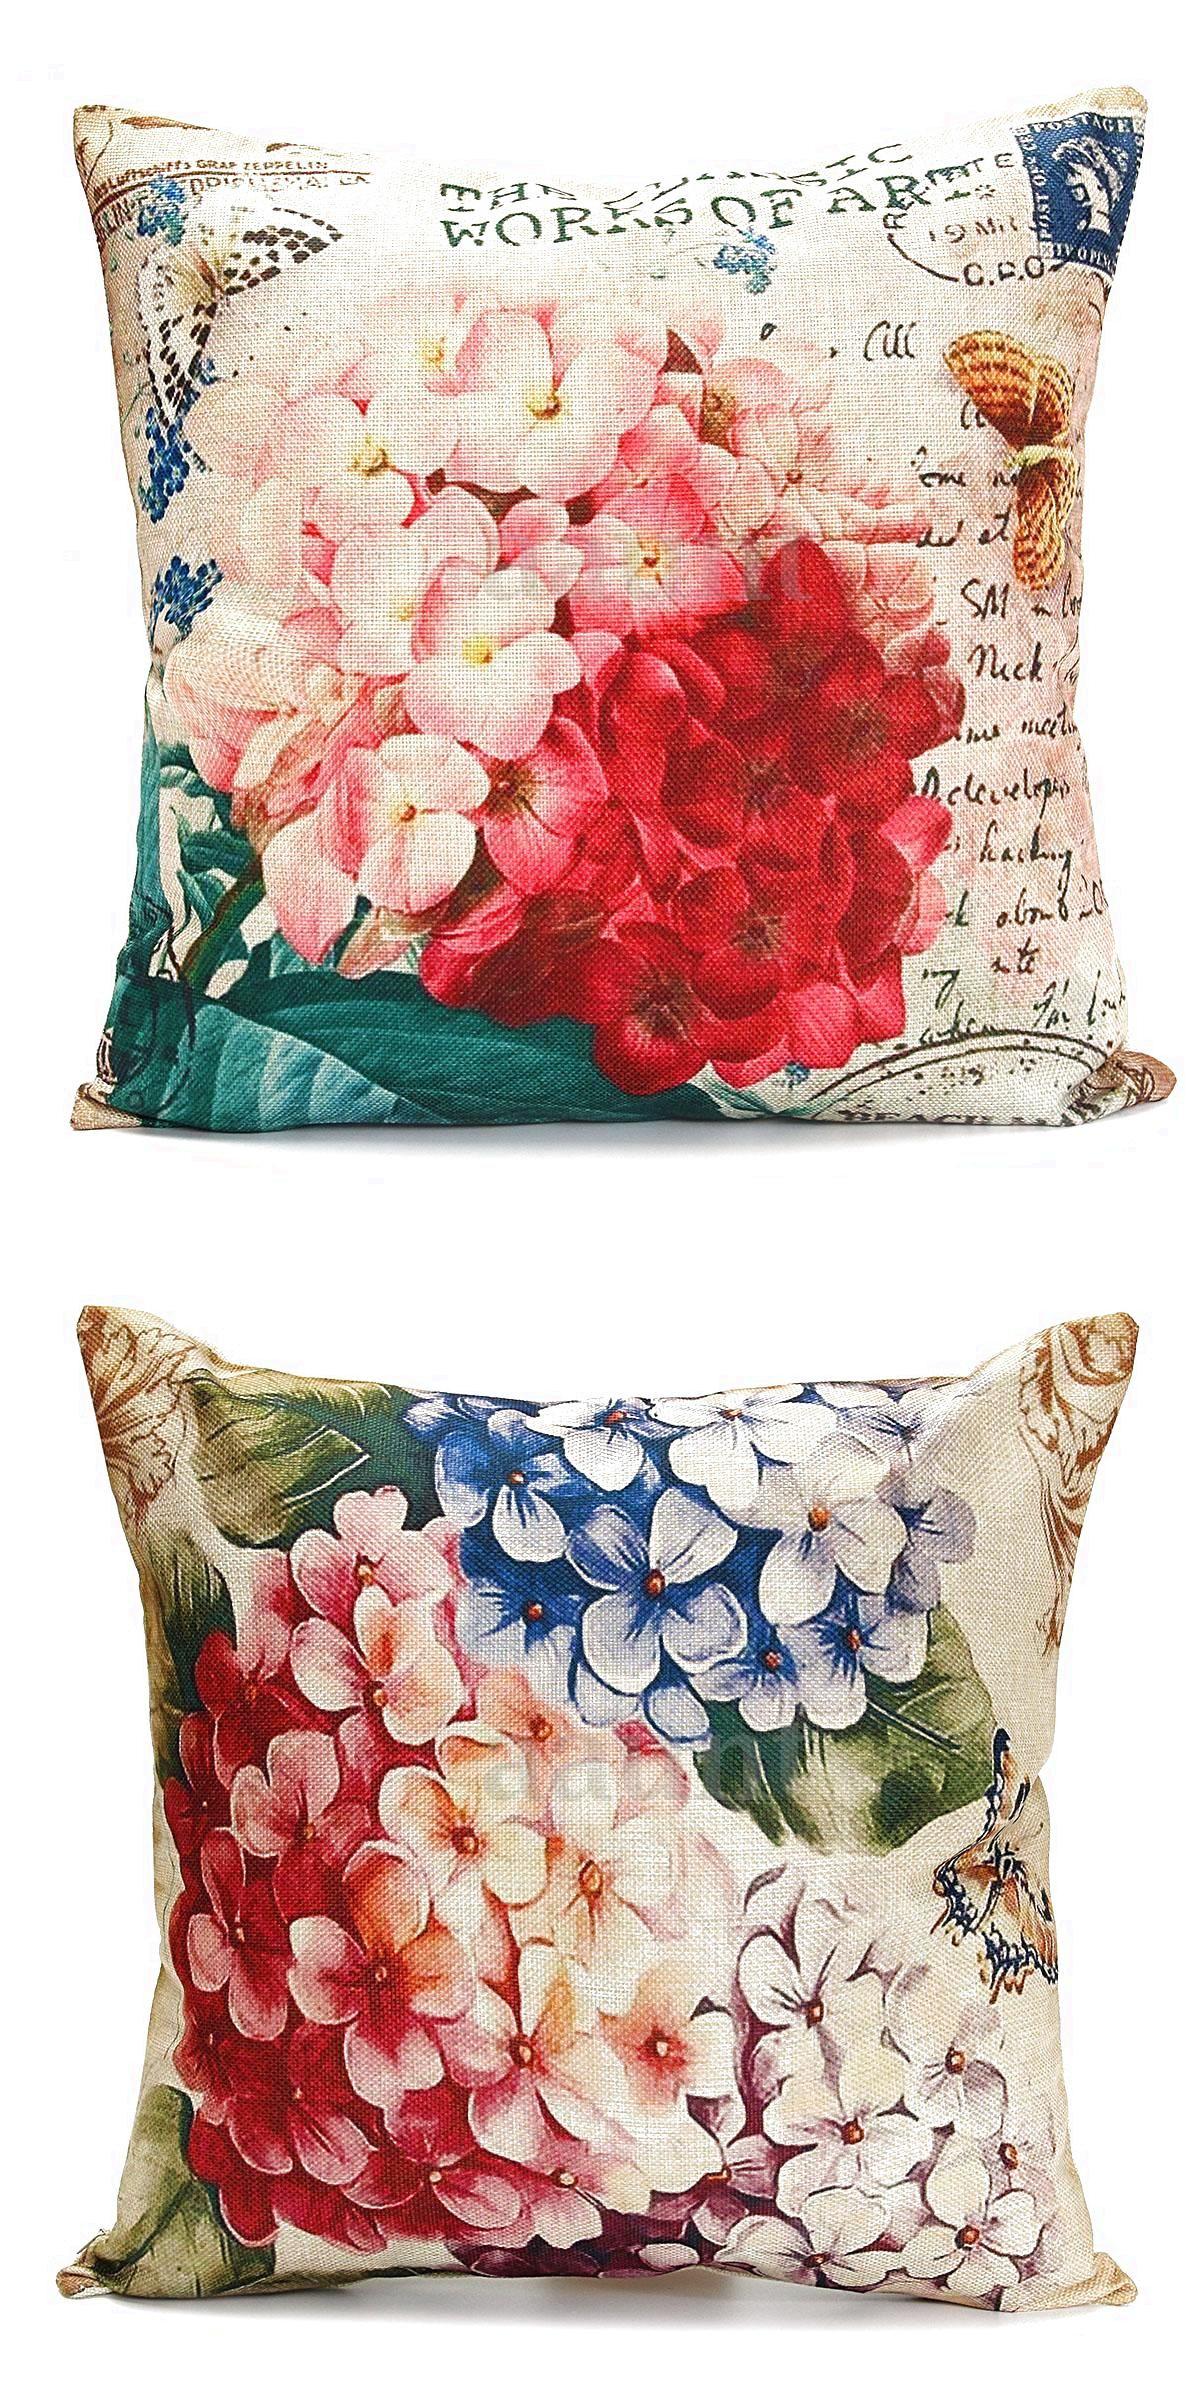 Hot vintage home decor cotton linen pillow case sofa waist throw